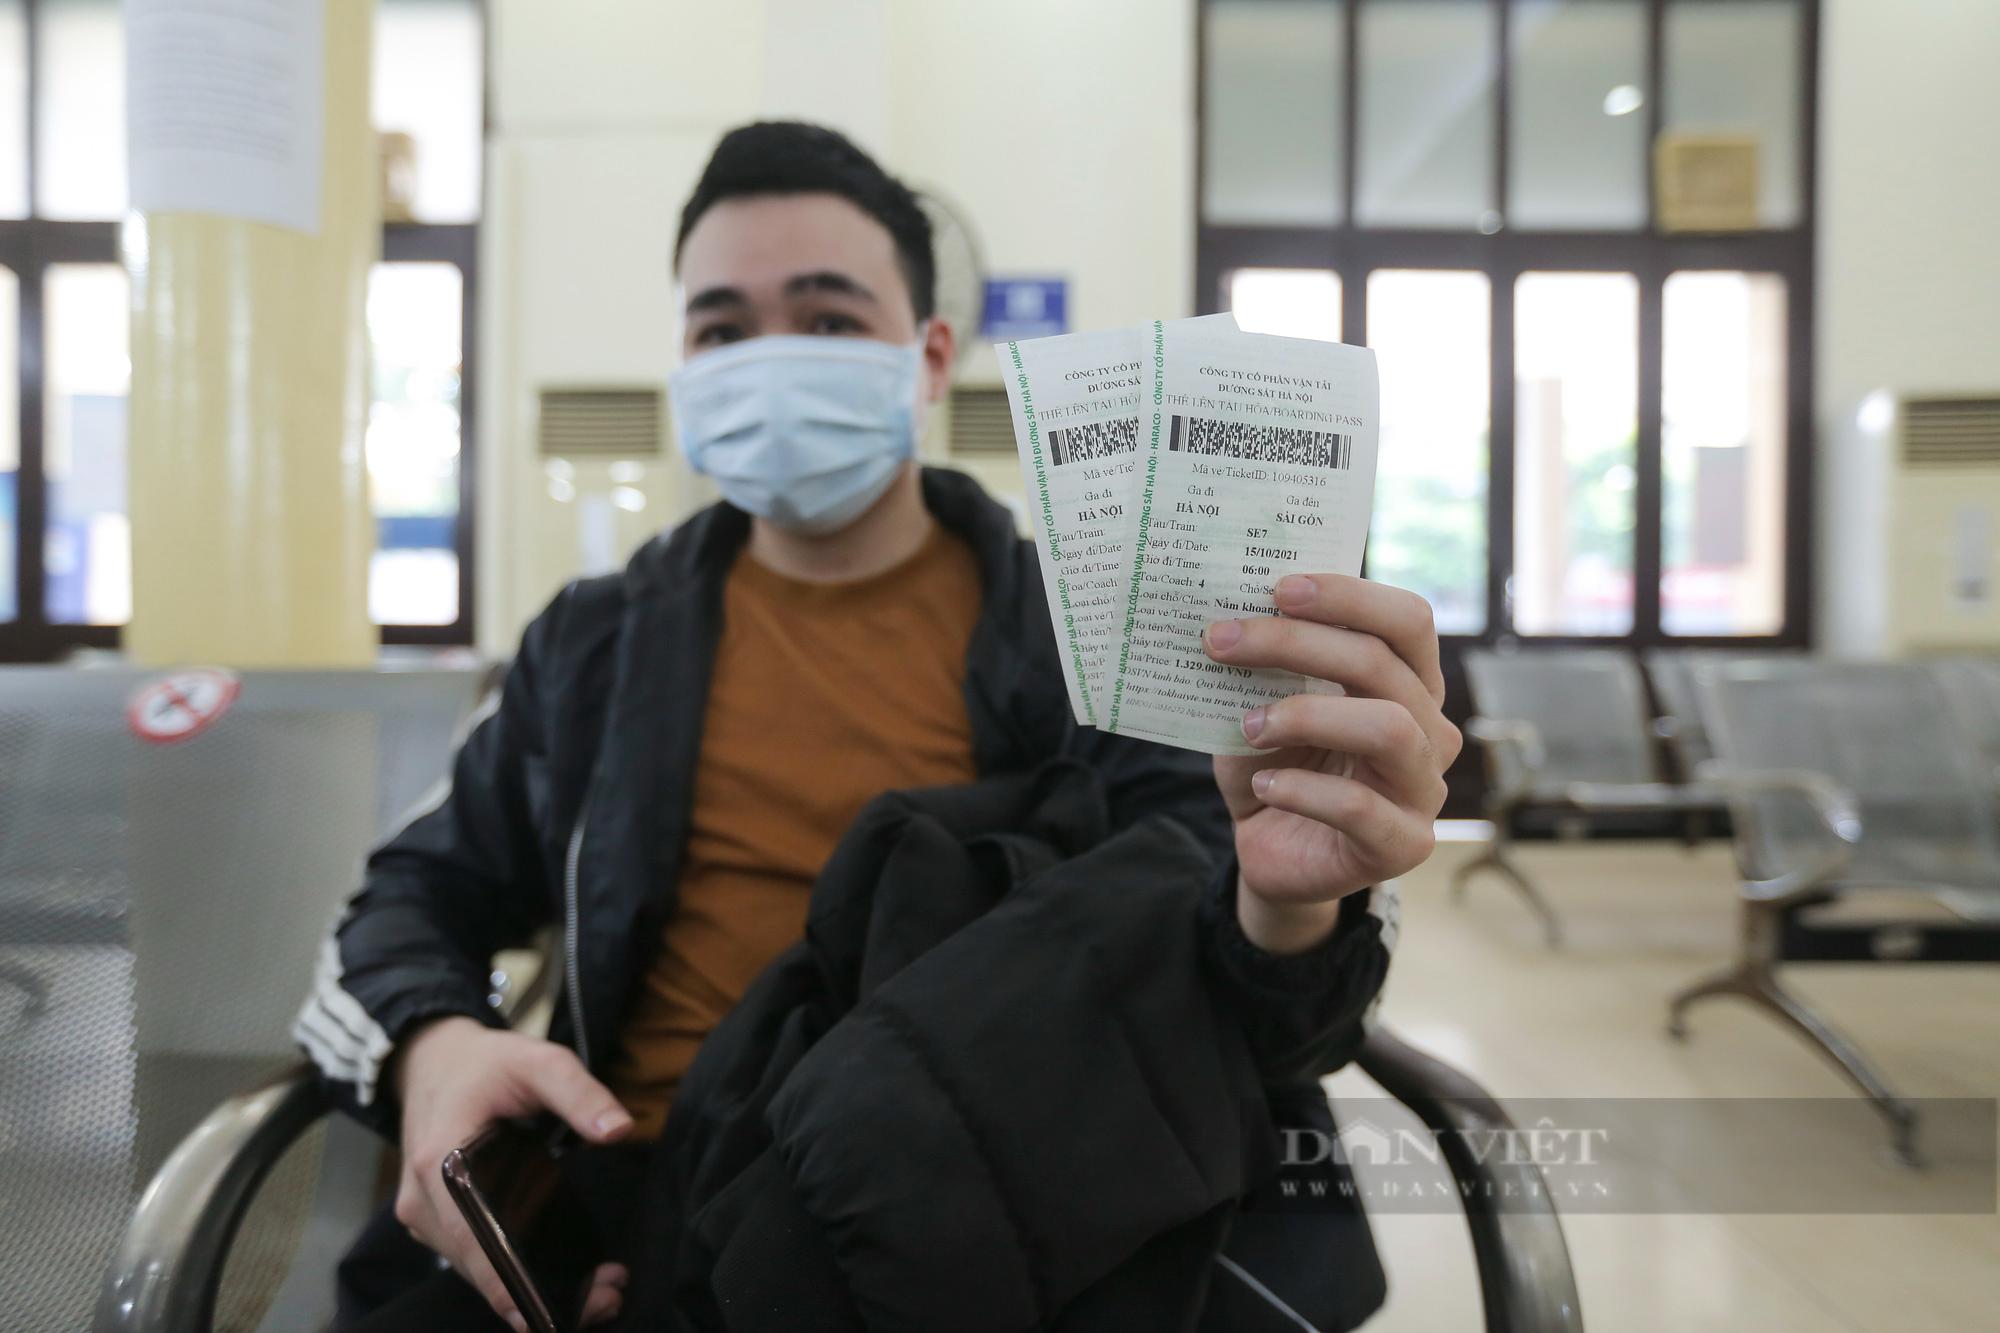 Ga Hà Nội vắng vẻ ngày đầu bán lại vé tàu hỏa - Ảnh 8.